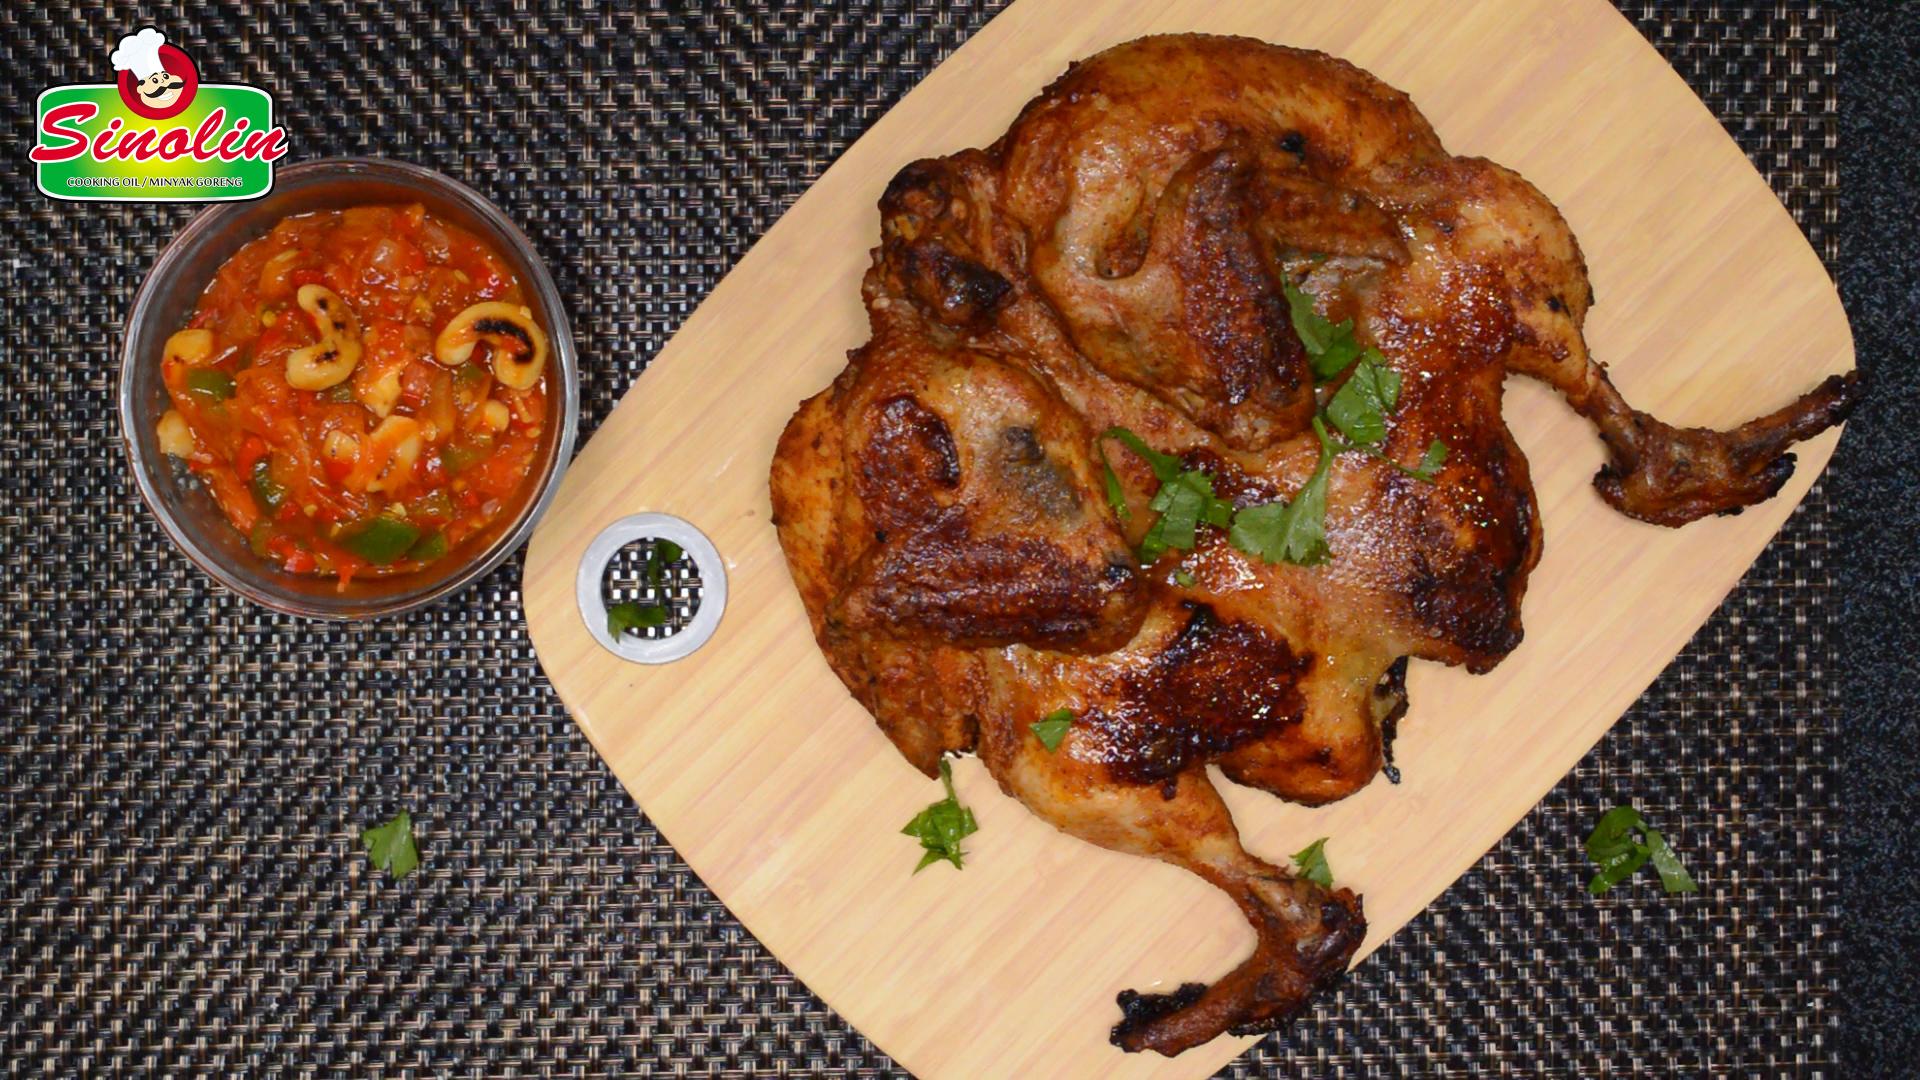 BBQ Chicken with Chakalaka Sauce by Dapur Sinolin